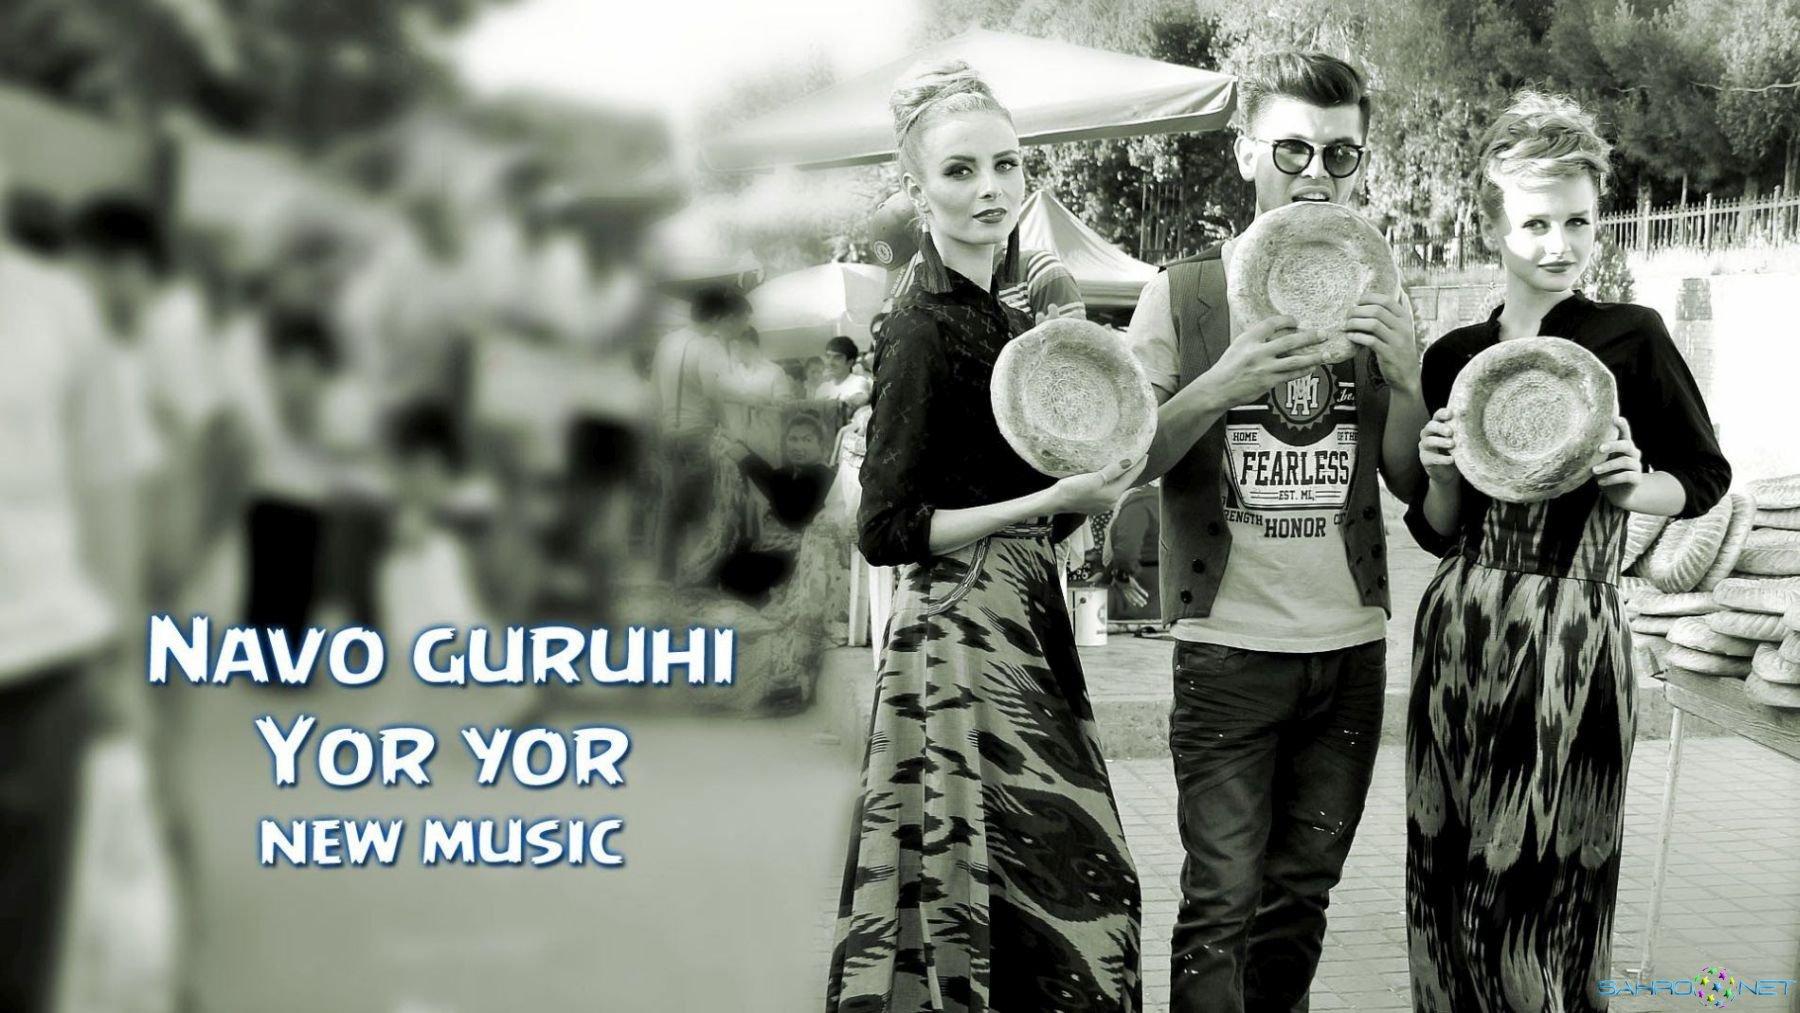 Navo guruhi 20415 - Yor yor Скачать Узб MP3 бесплатно